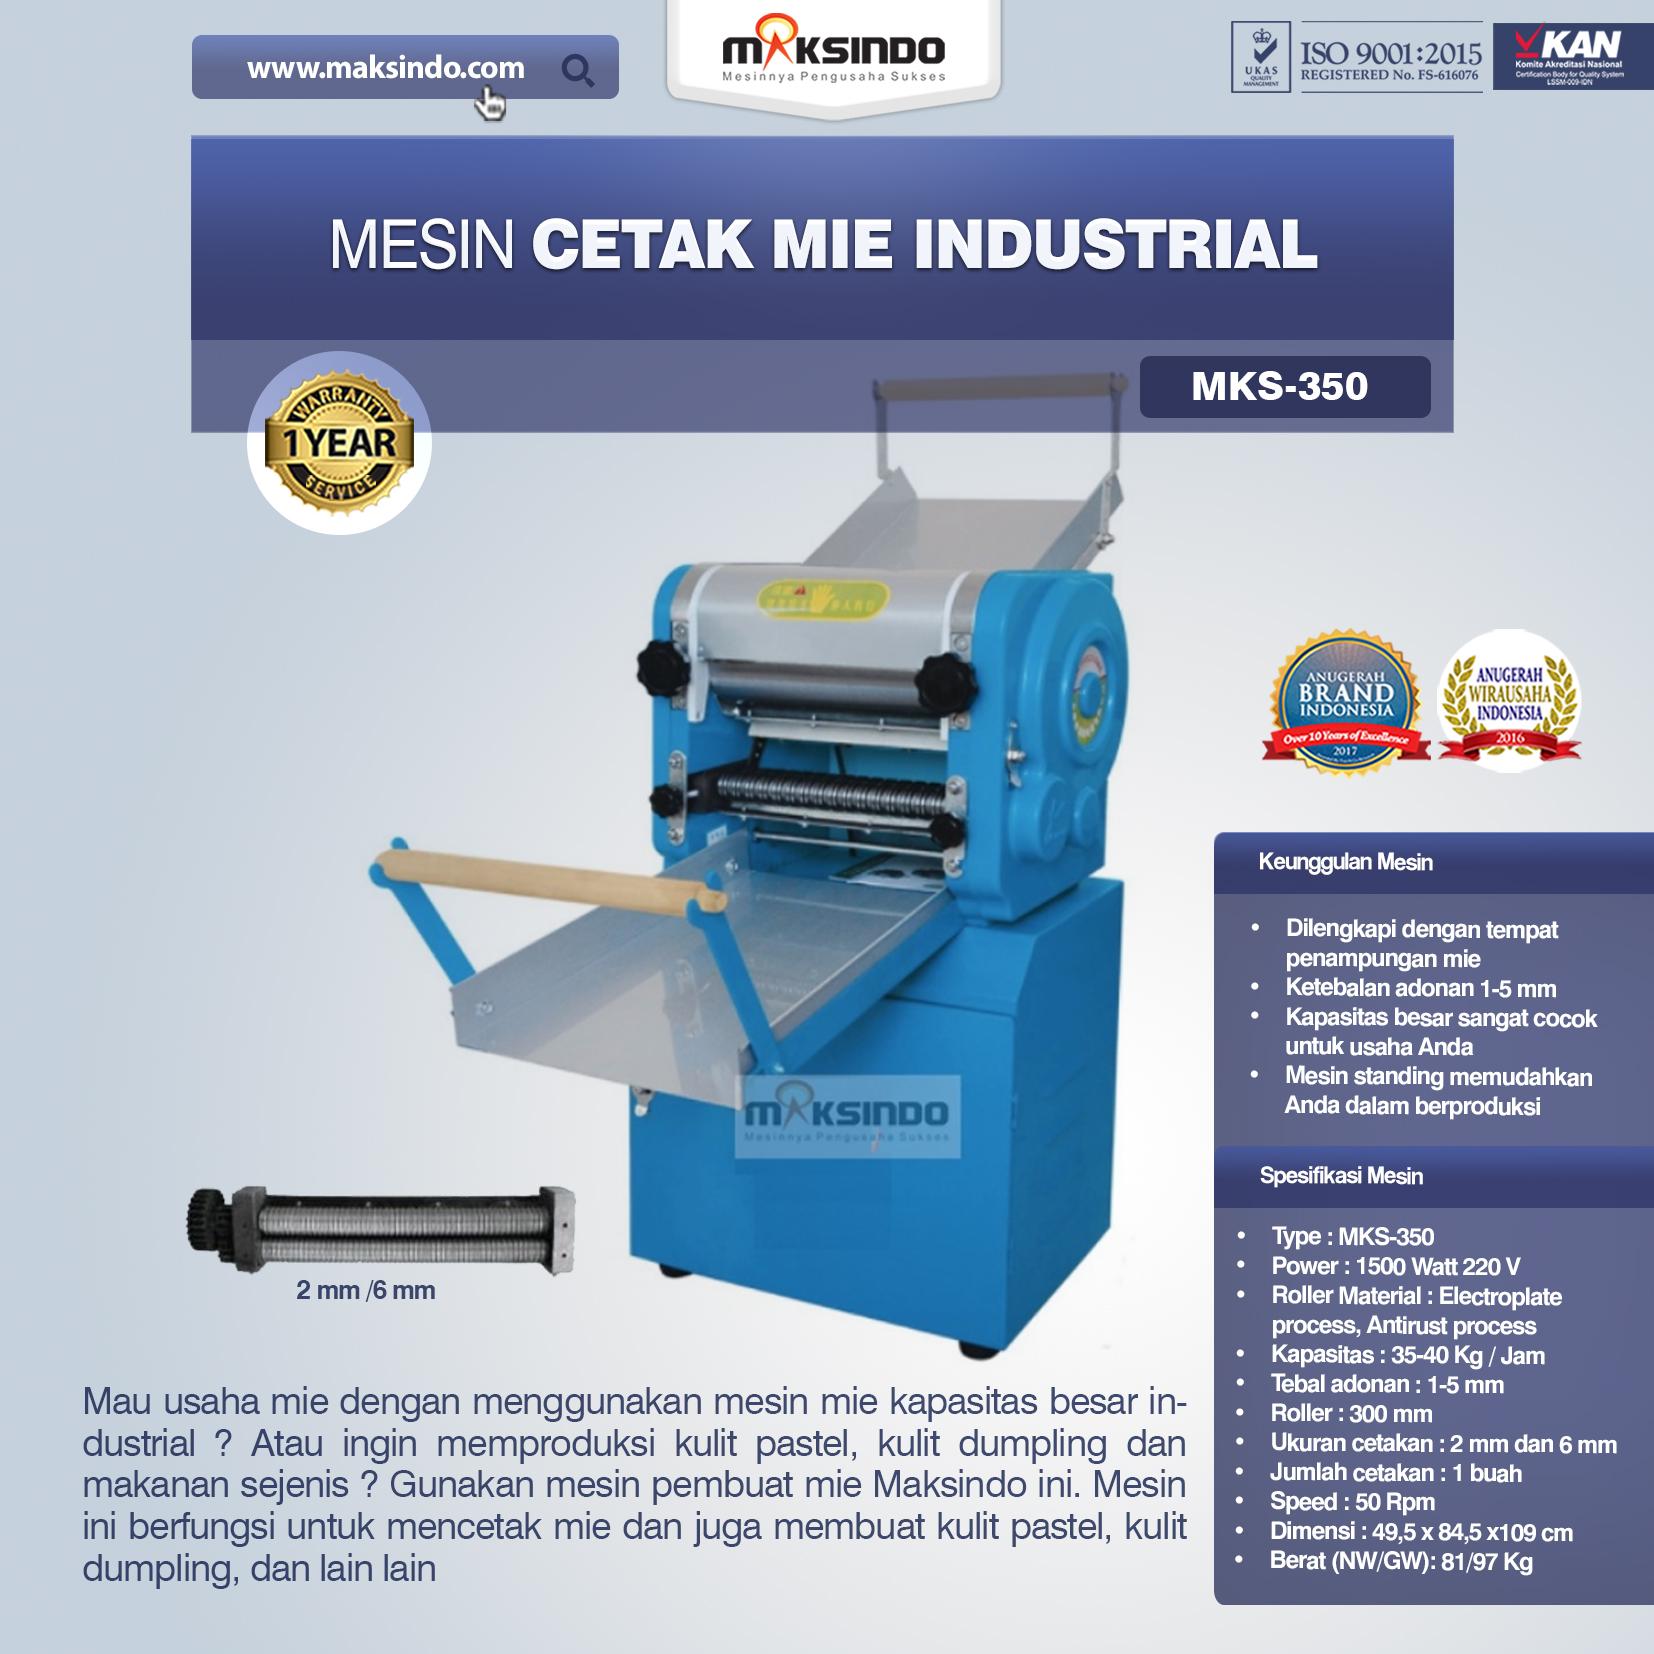 Jual Mesin Cetak Mie Industrial (MKS-350) di Tangerang